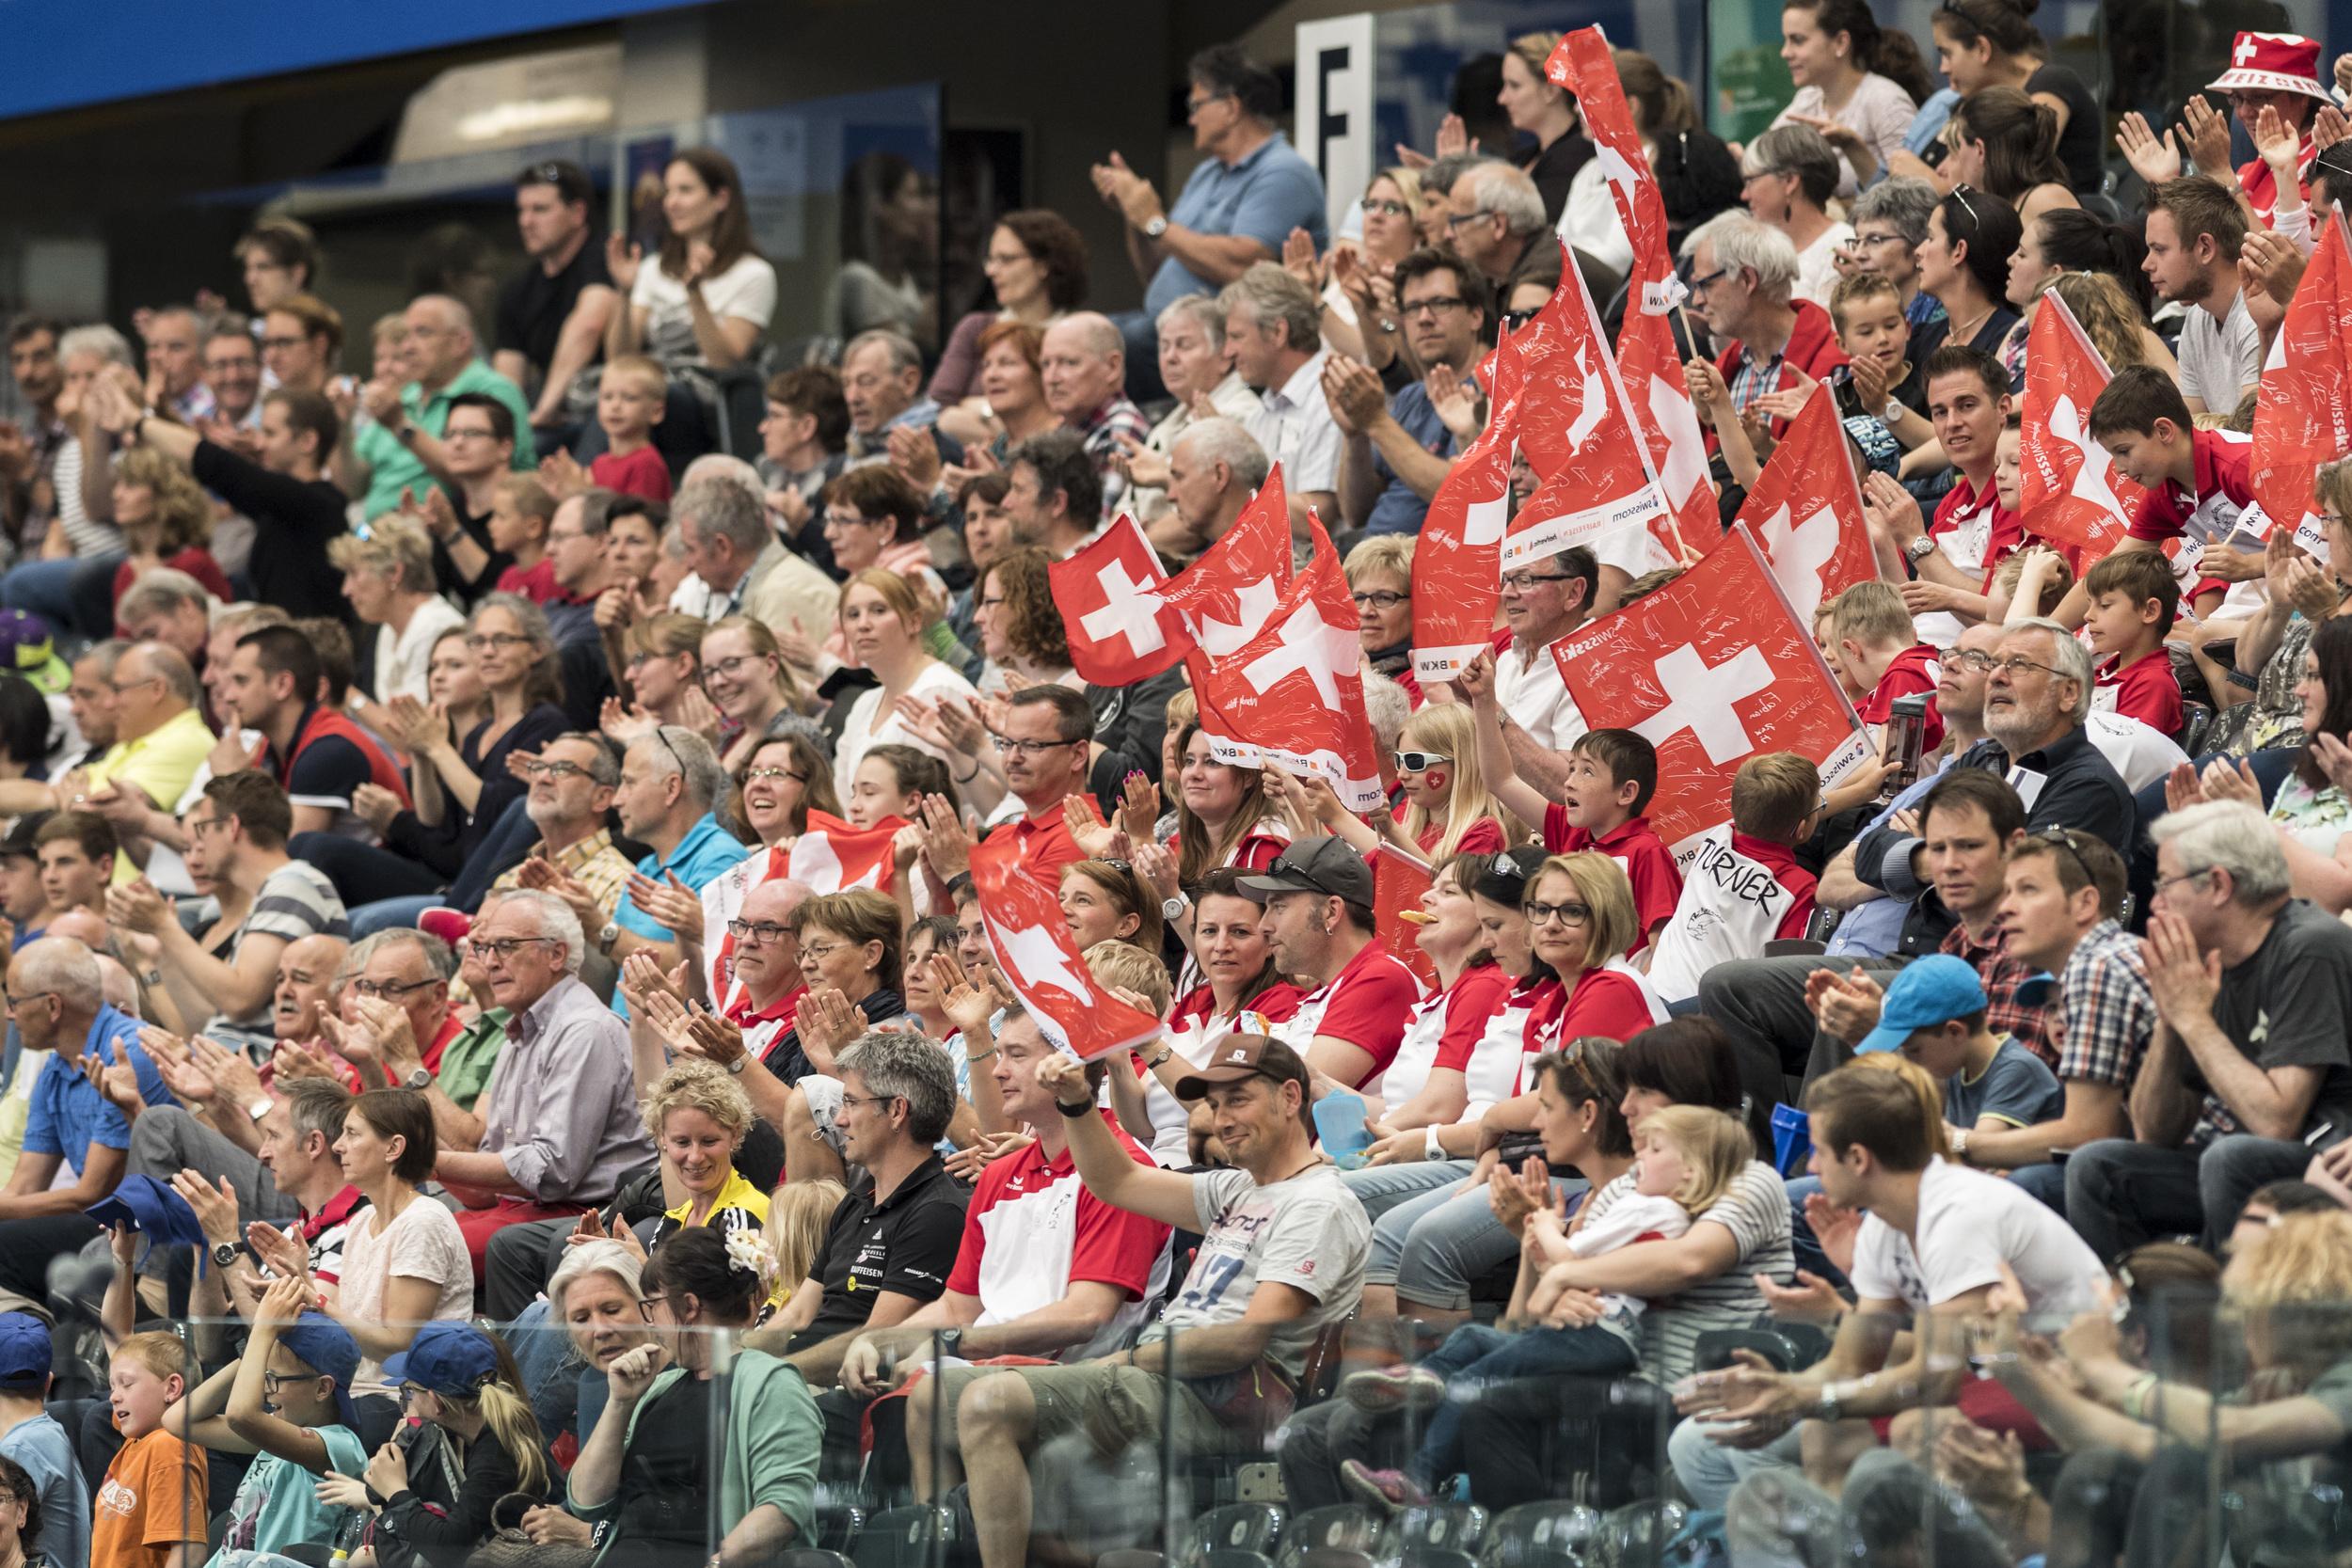 SWITZERLAND EUROPEAN GYMNASTICS CHAMPIONSHIPS